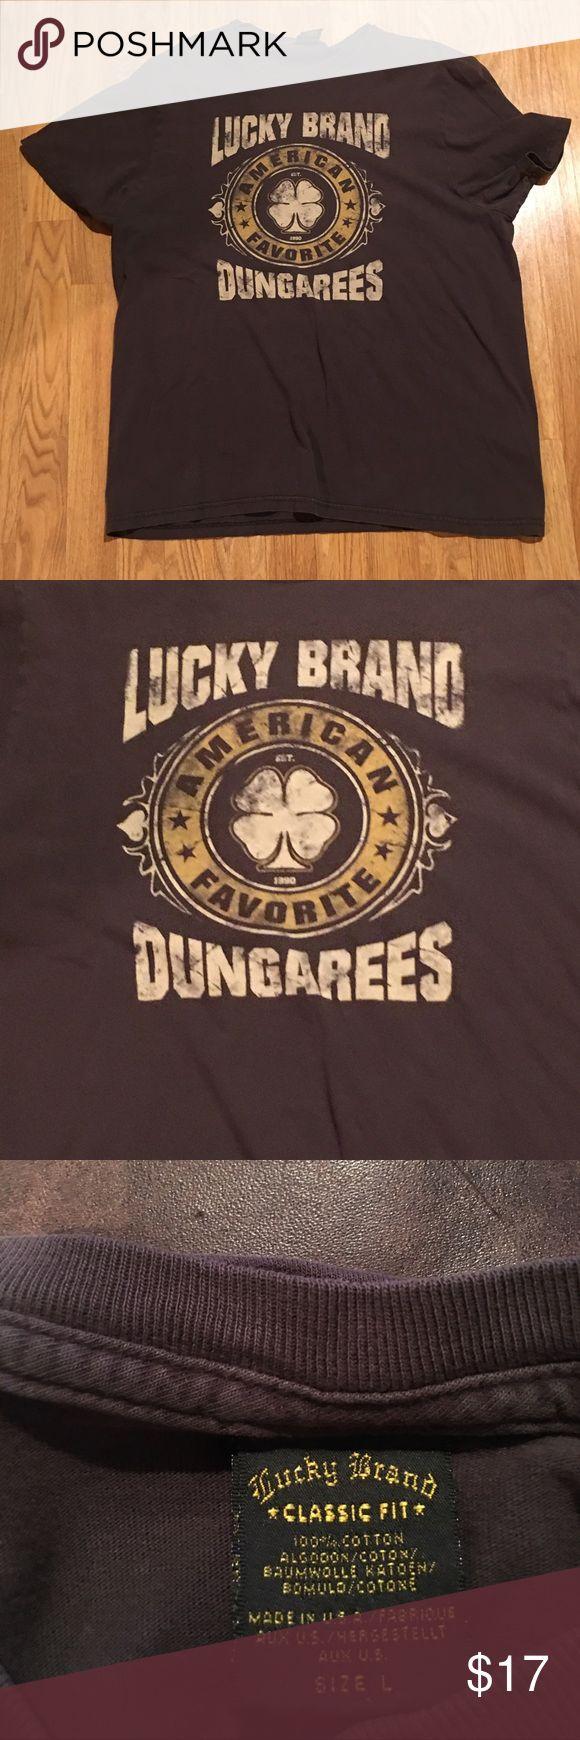 Lucky Brand T-Shirt Luck Brand T-Shirt...men's size L Lucky Brand Shirts Tees - Short Sleeve